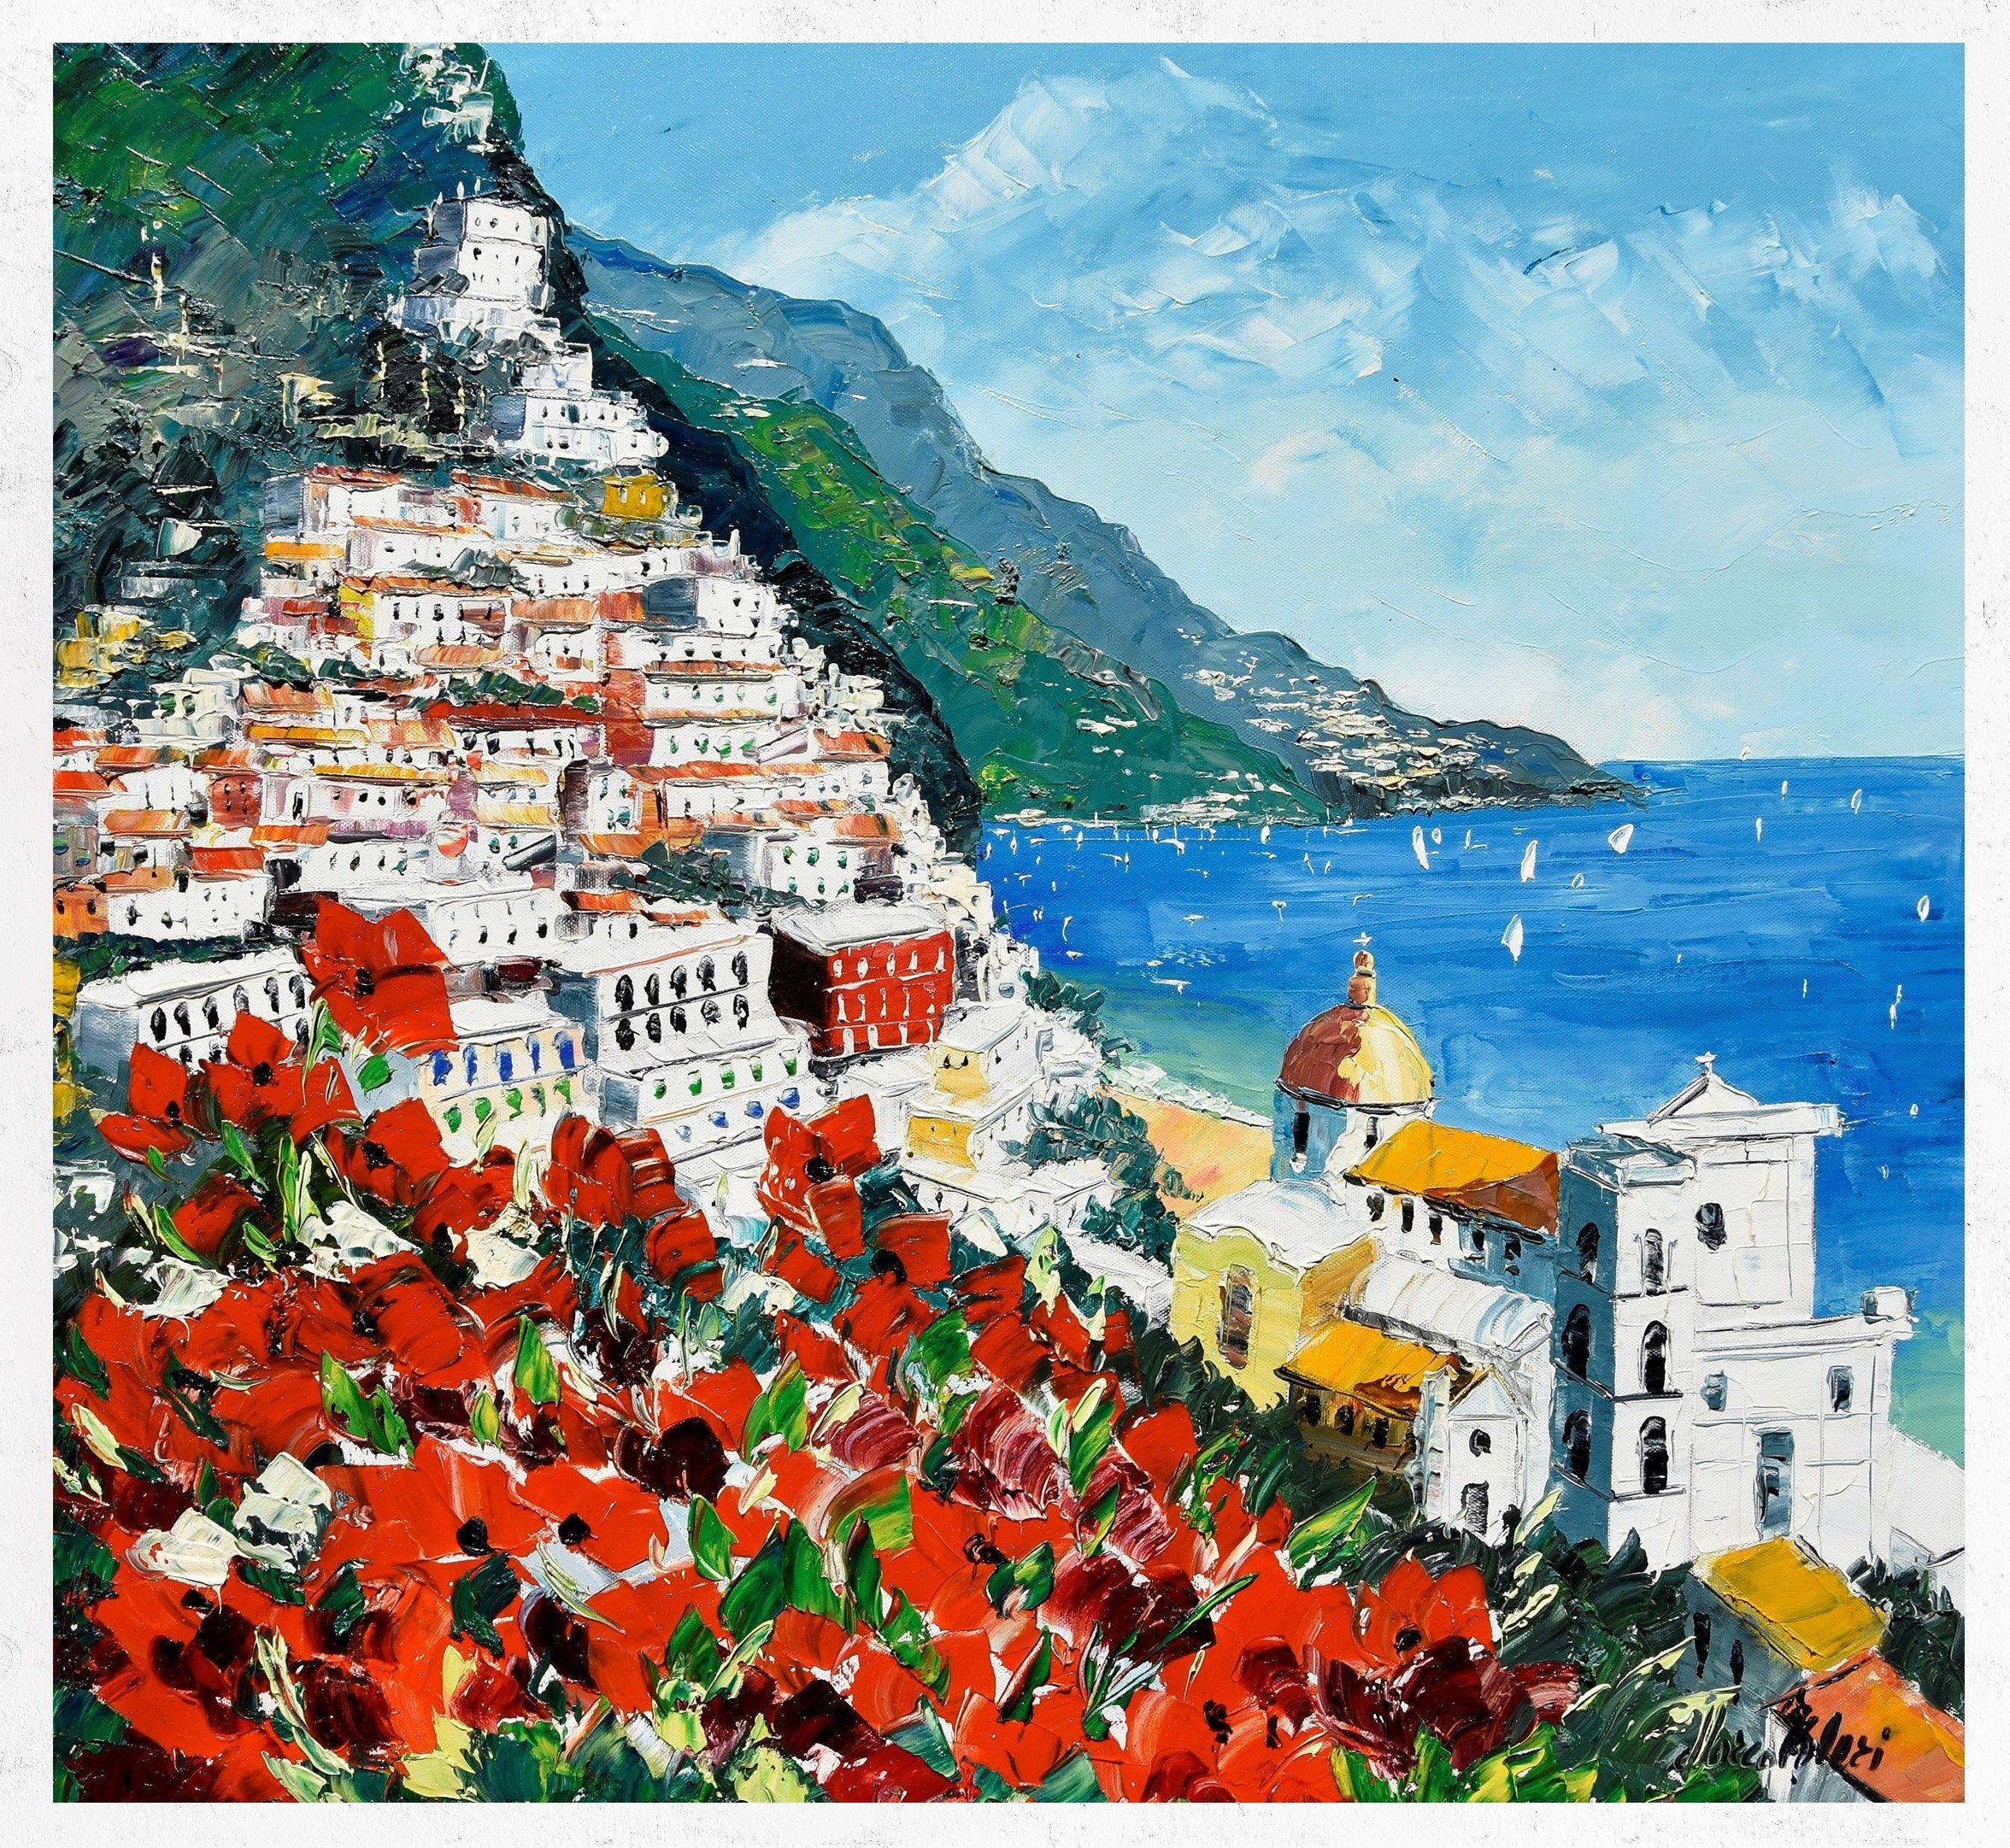 Pittura Positano pittura su tela decorazione murale regalo ...